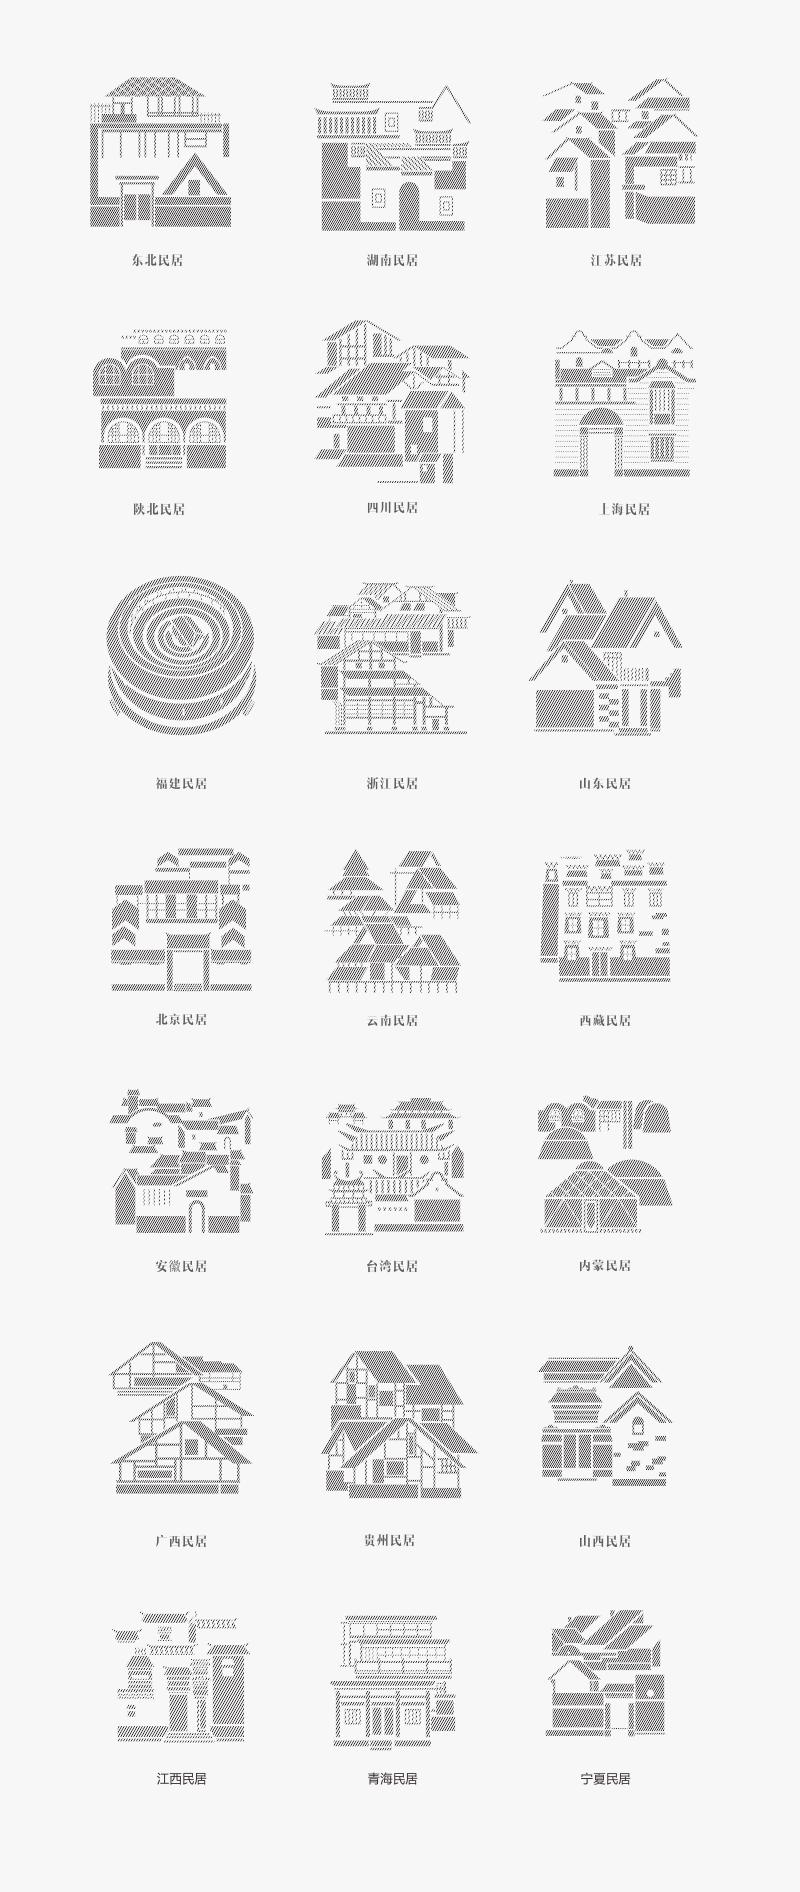 查看《中国民居文化设计》原图,原图尺寸:800x1892